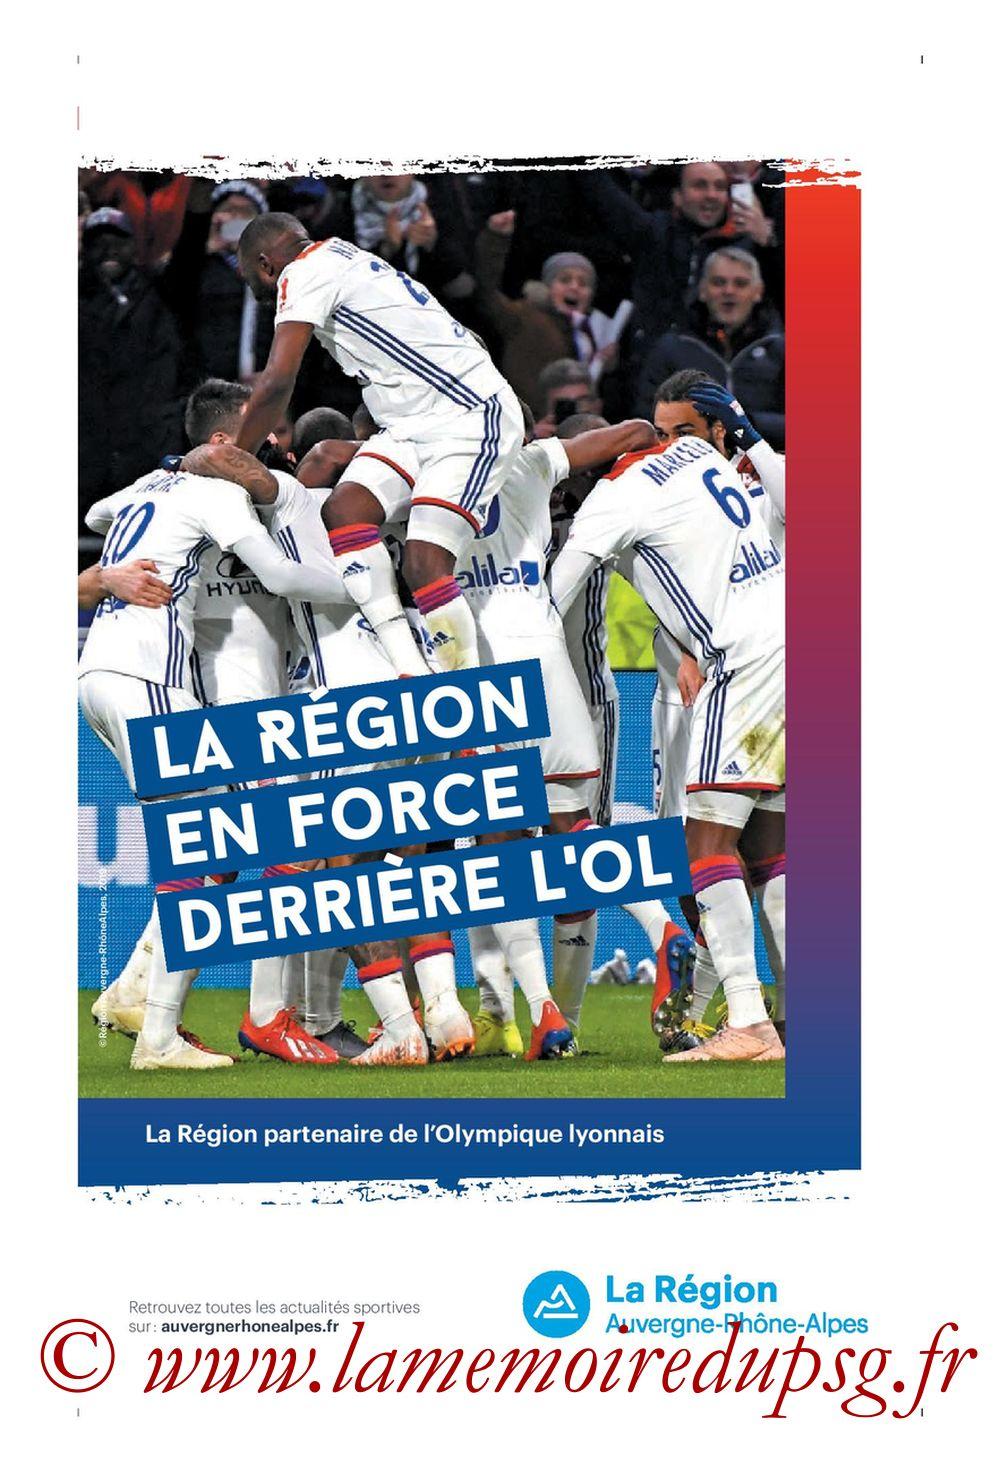 2019-09-22  Lyon-PSG (6ème L1, Tribune OL N°284) - Page 17